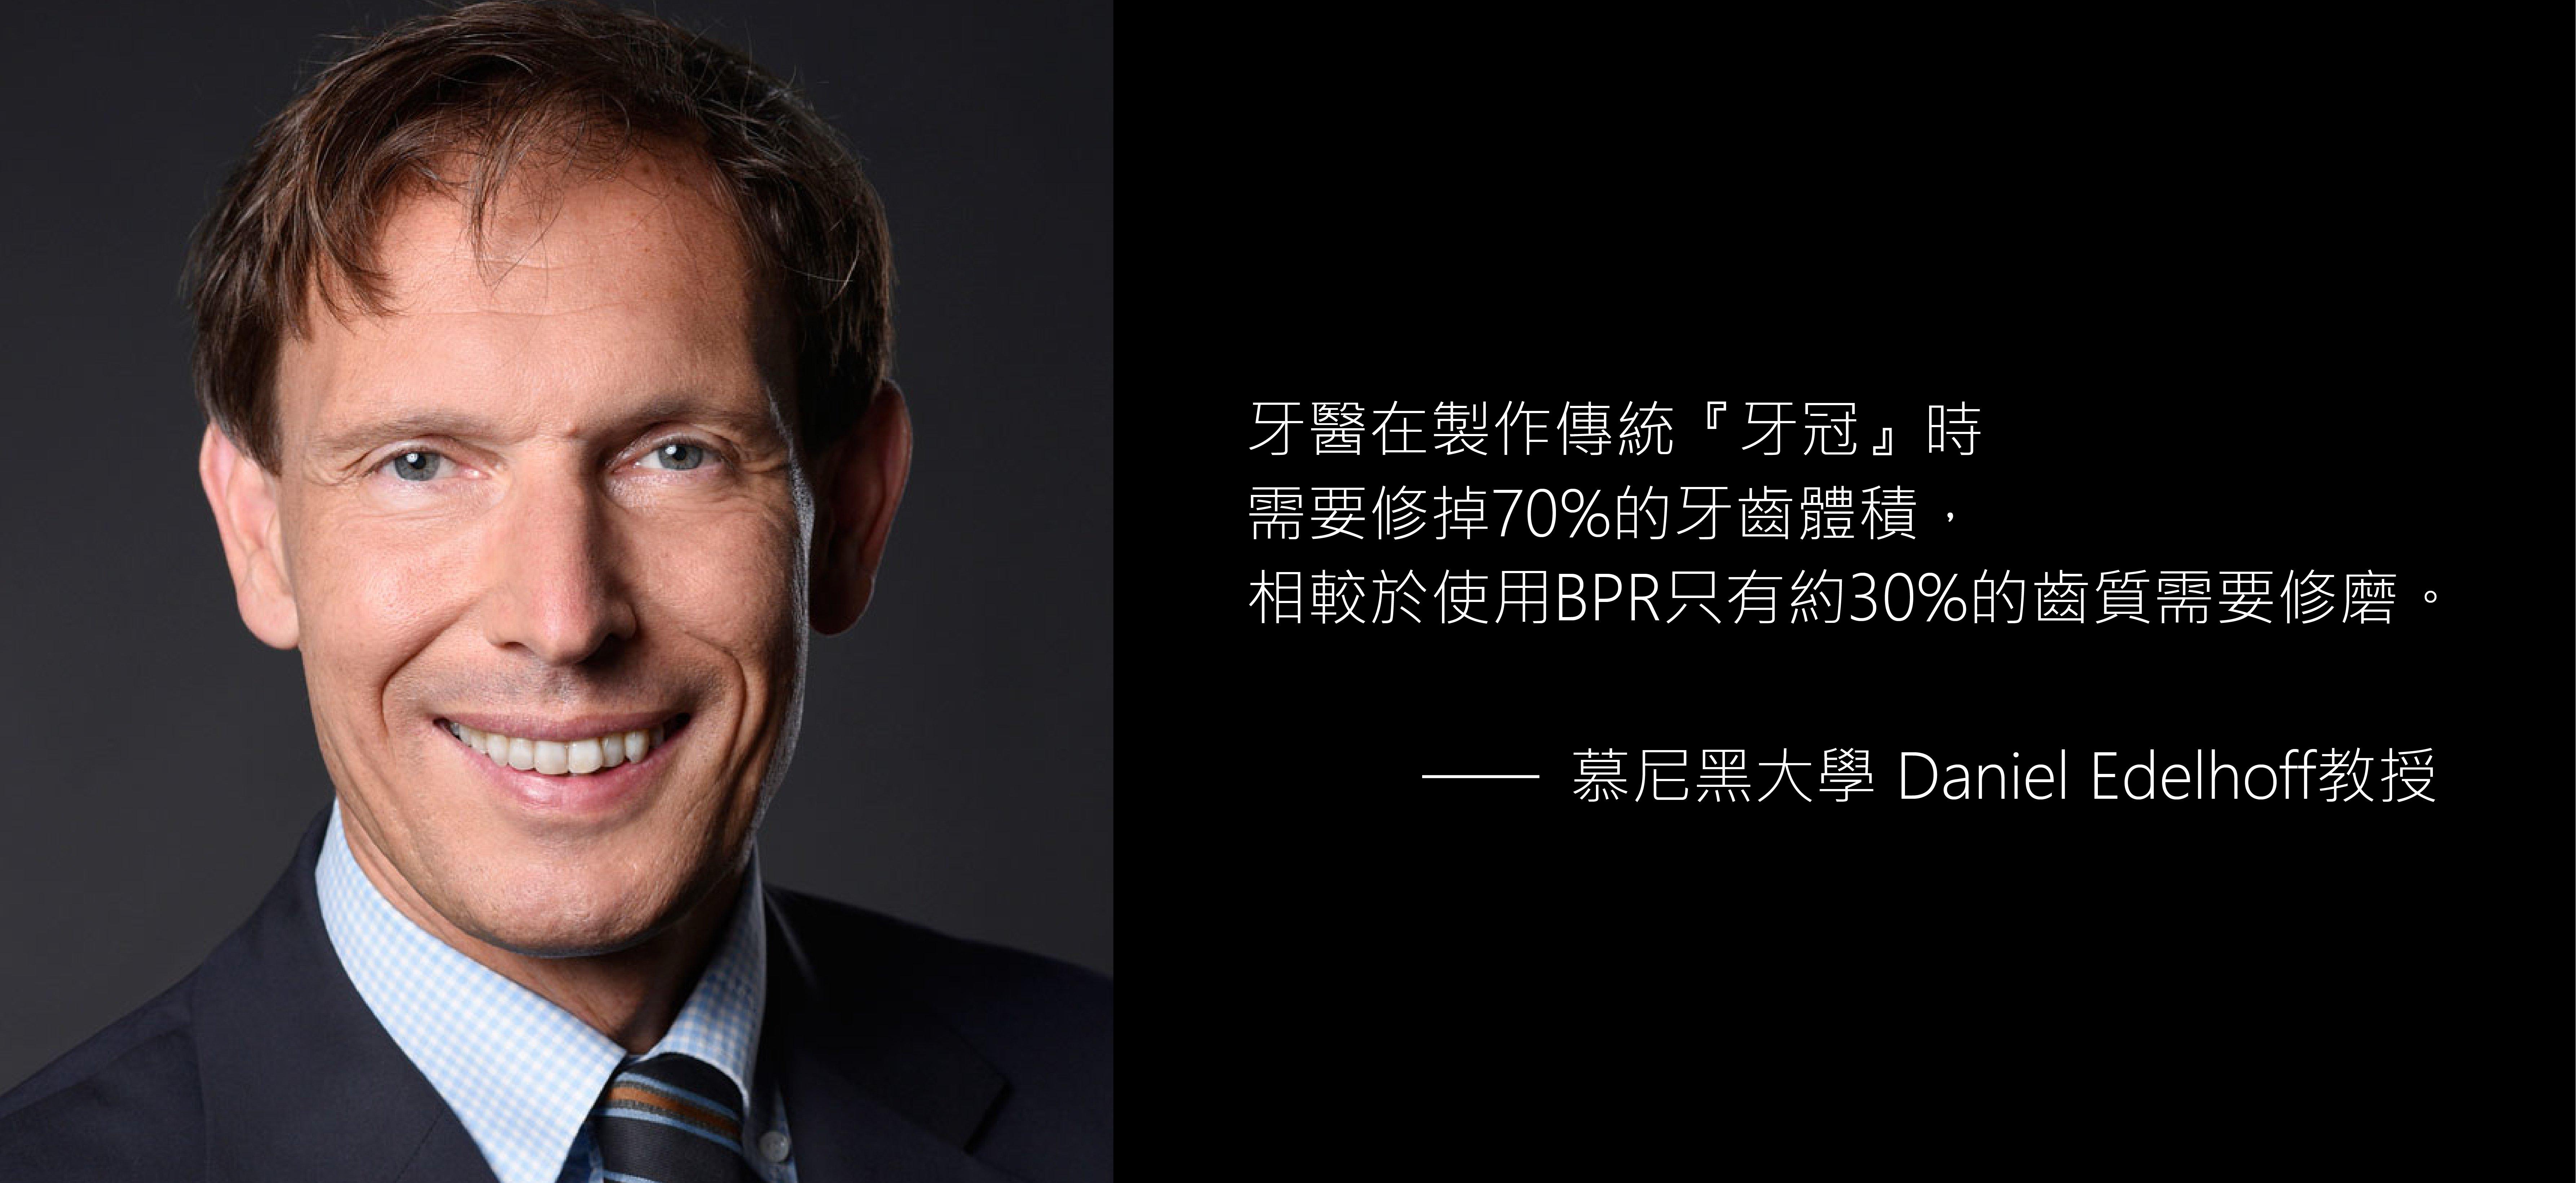 BPR 引言